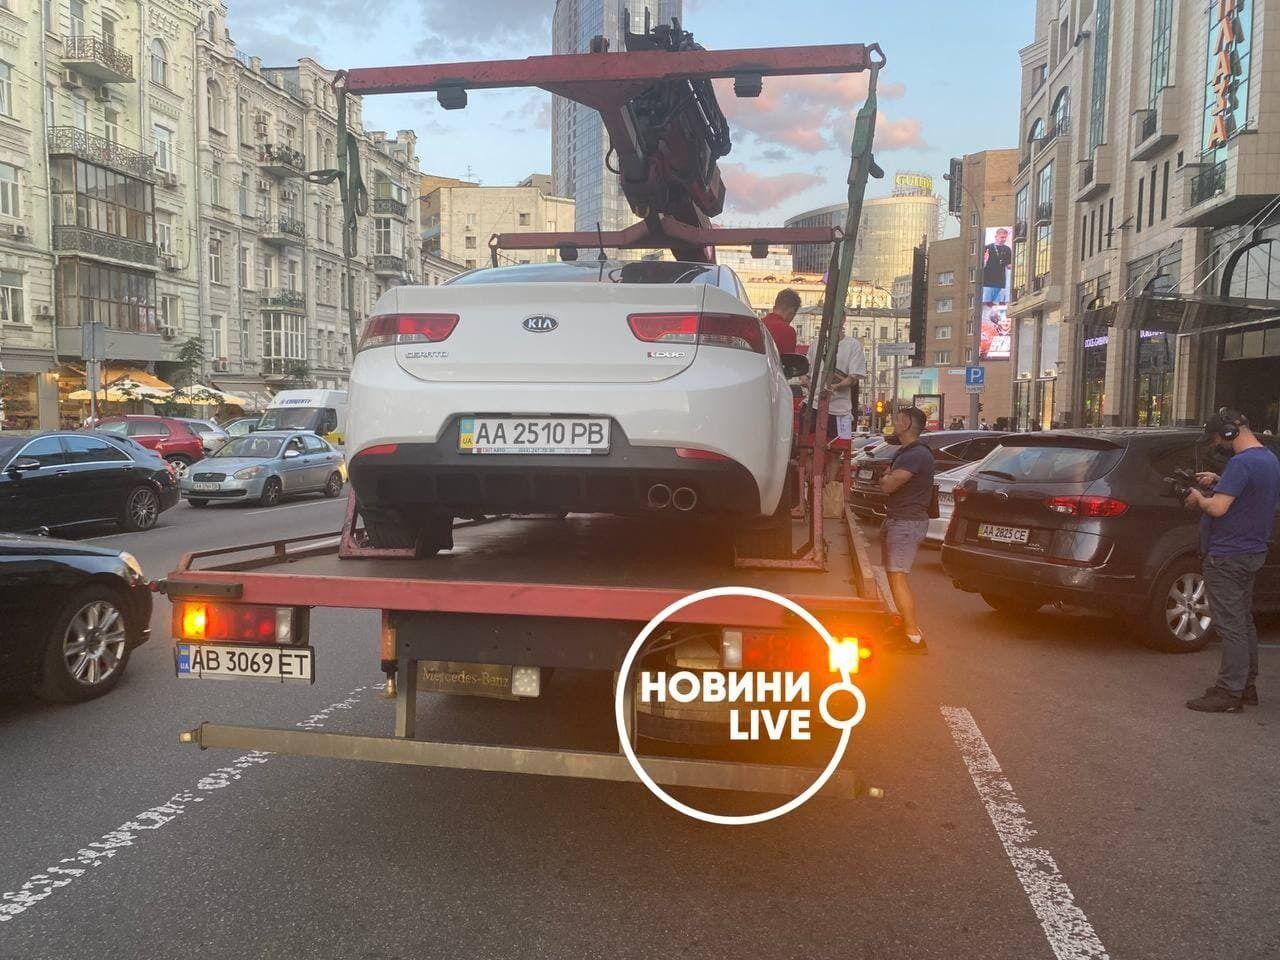 Эвакуатор погрузил на платформу автомобиль блогера